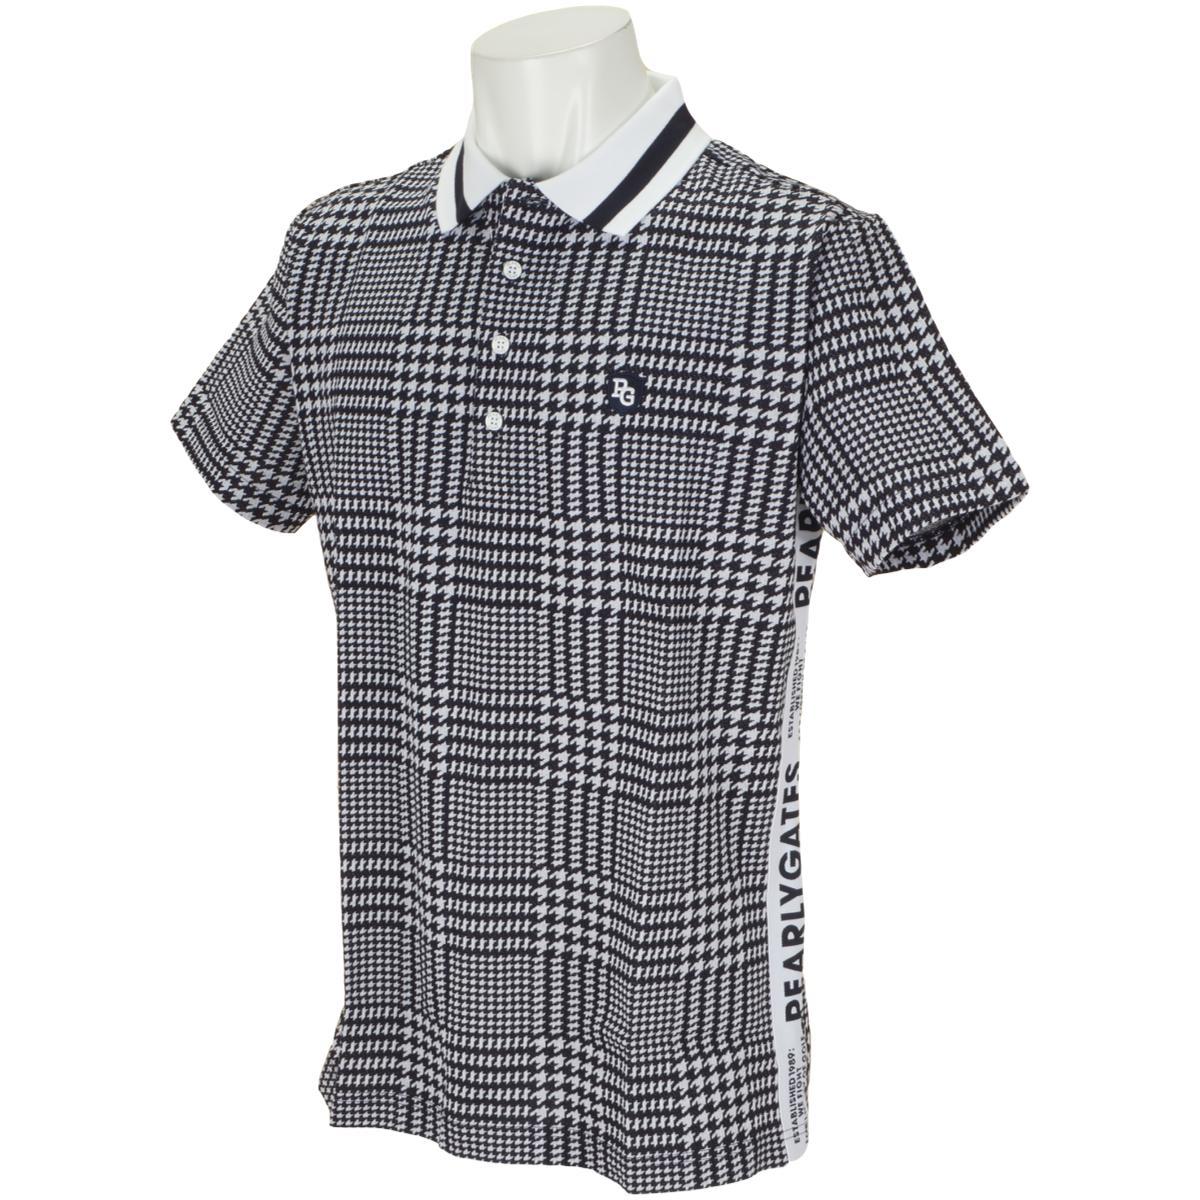 グレンチェック鹿の子ジャカード 半袖ポロシャツ